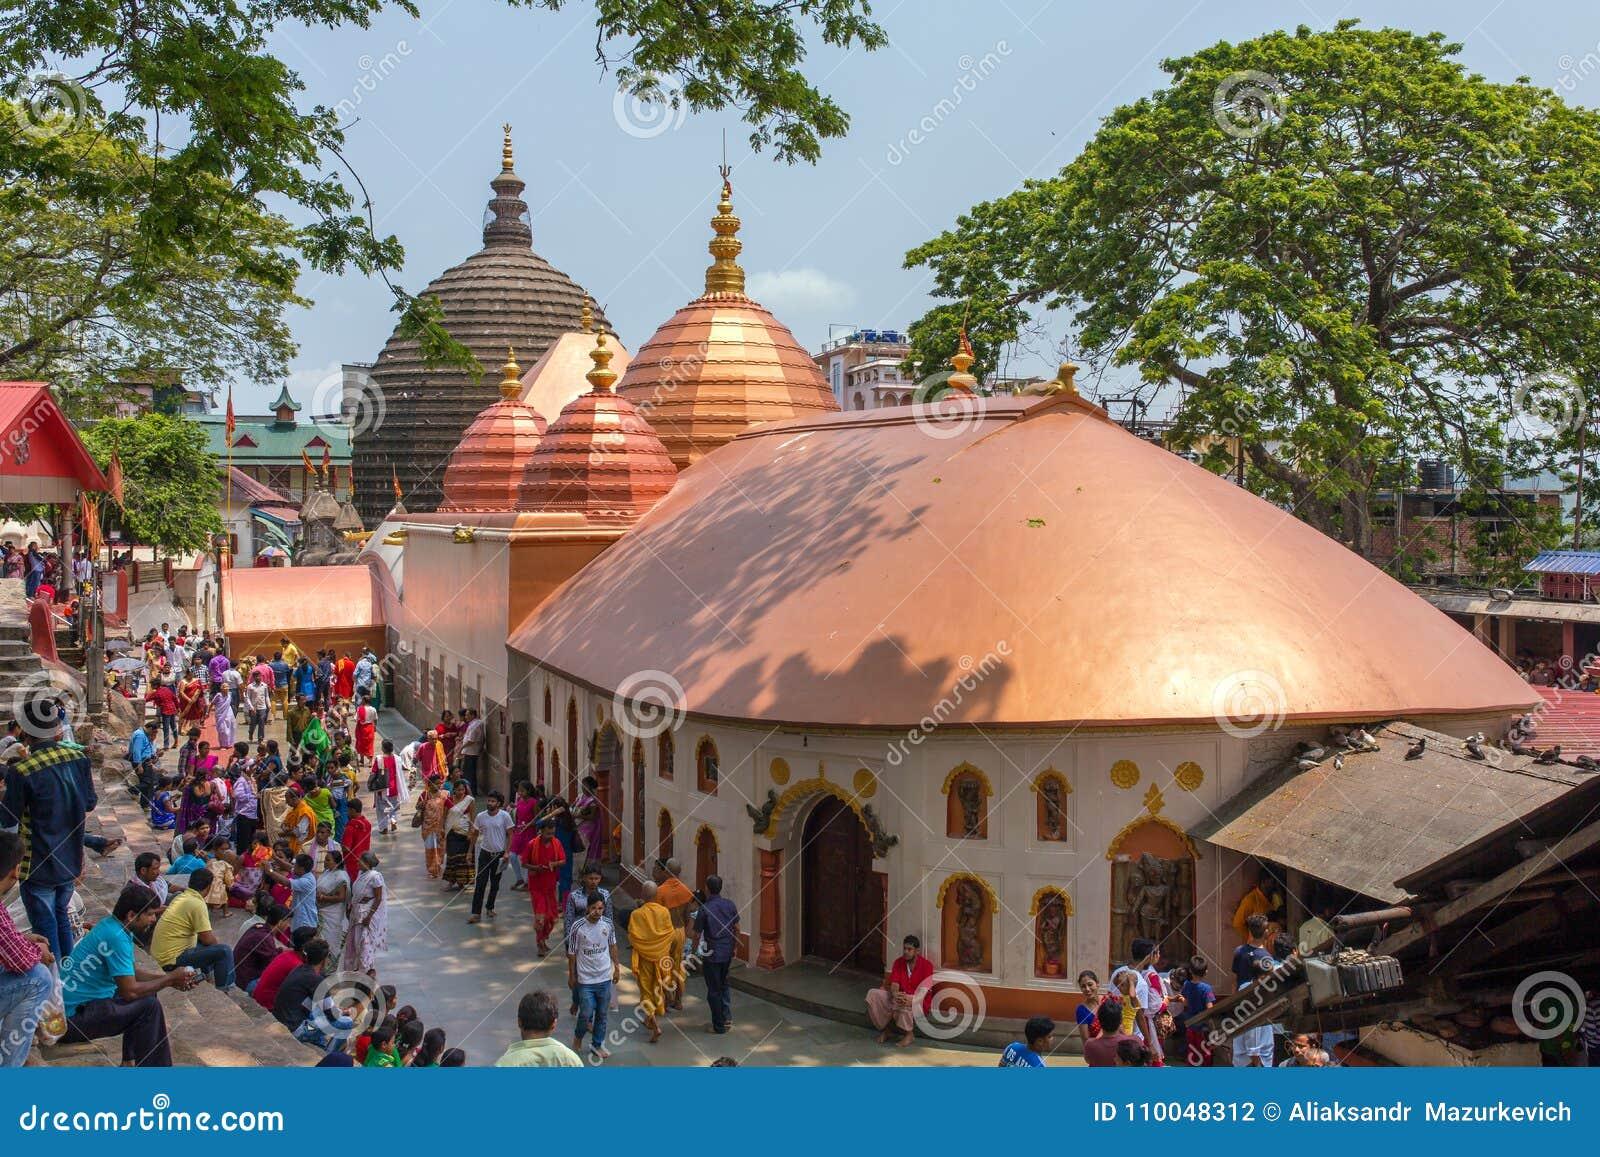 Τοπ άποψη του ναού Kamakhya Mandir σε Guwahati, κράτος Assam, βορειοανατολική Ινδία